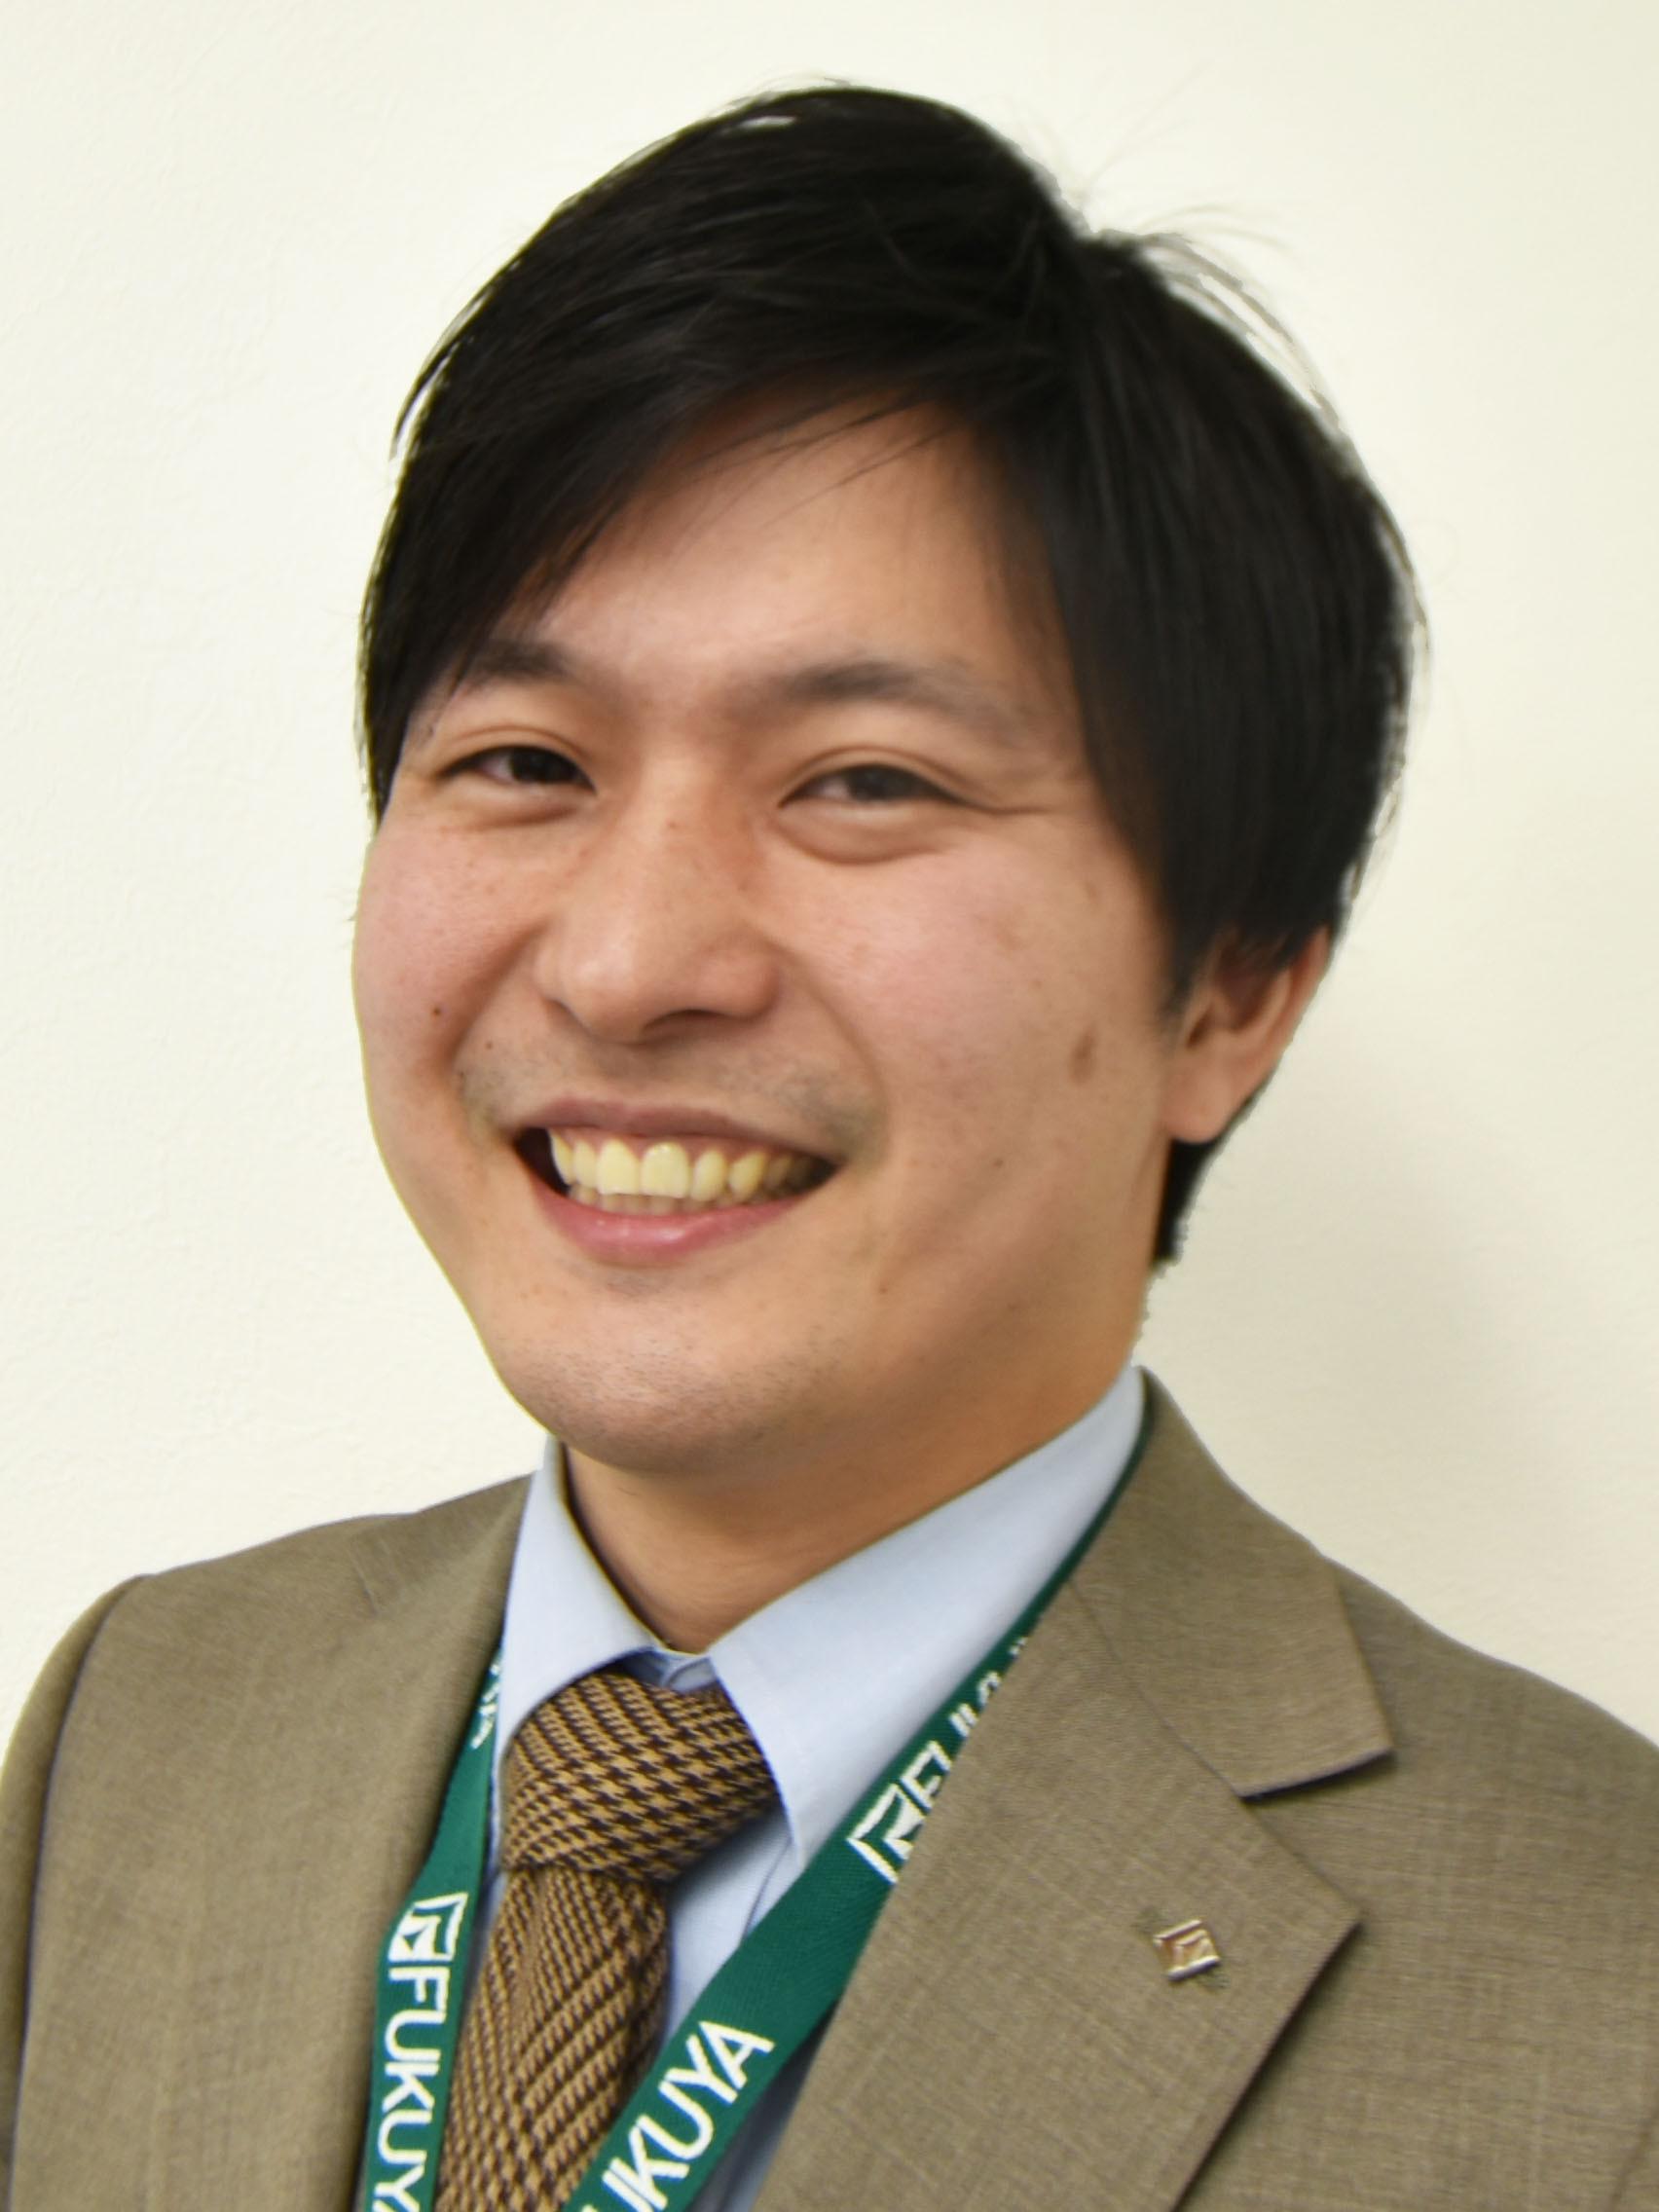 渡邉 碩太 (わたなべ おうた)